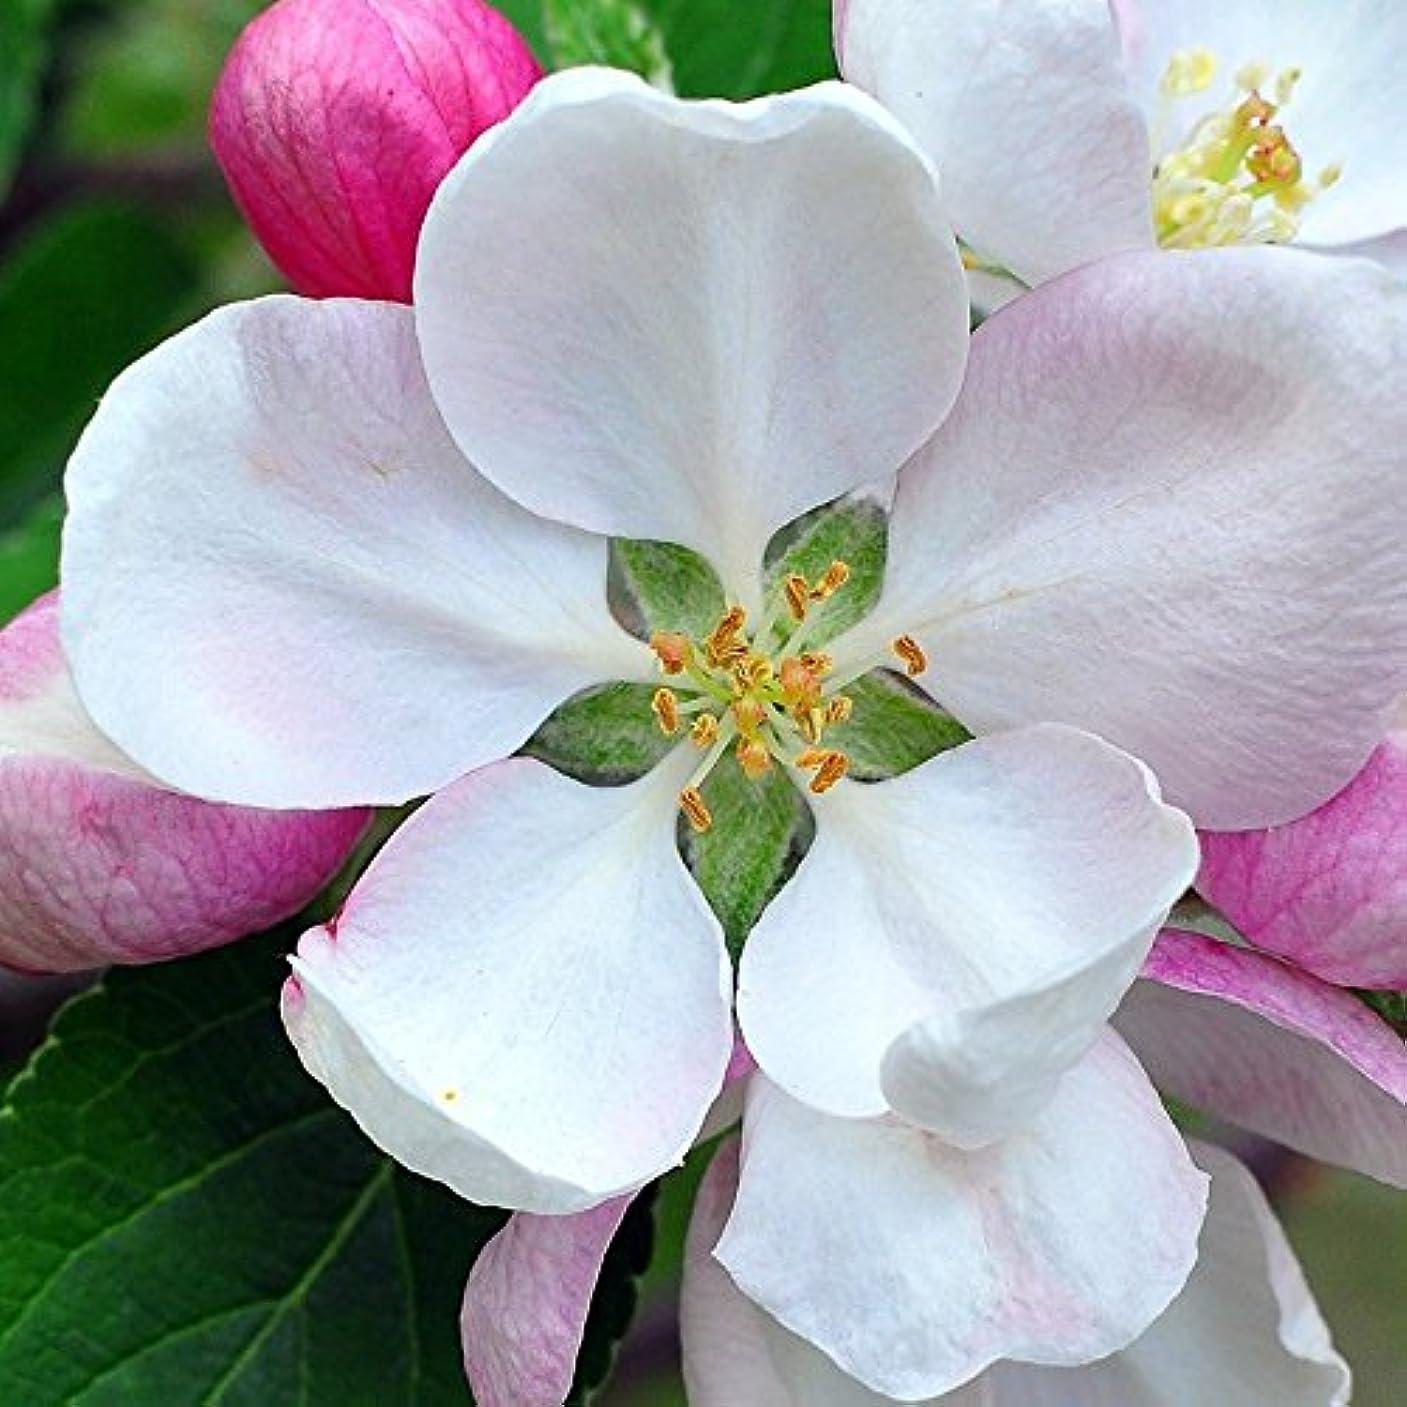 注意あたたかい安いですアロマフレグランスオイル 日本モクレン(Japanese Magnolia)